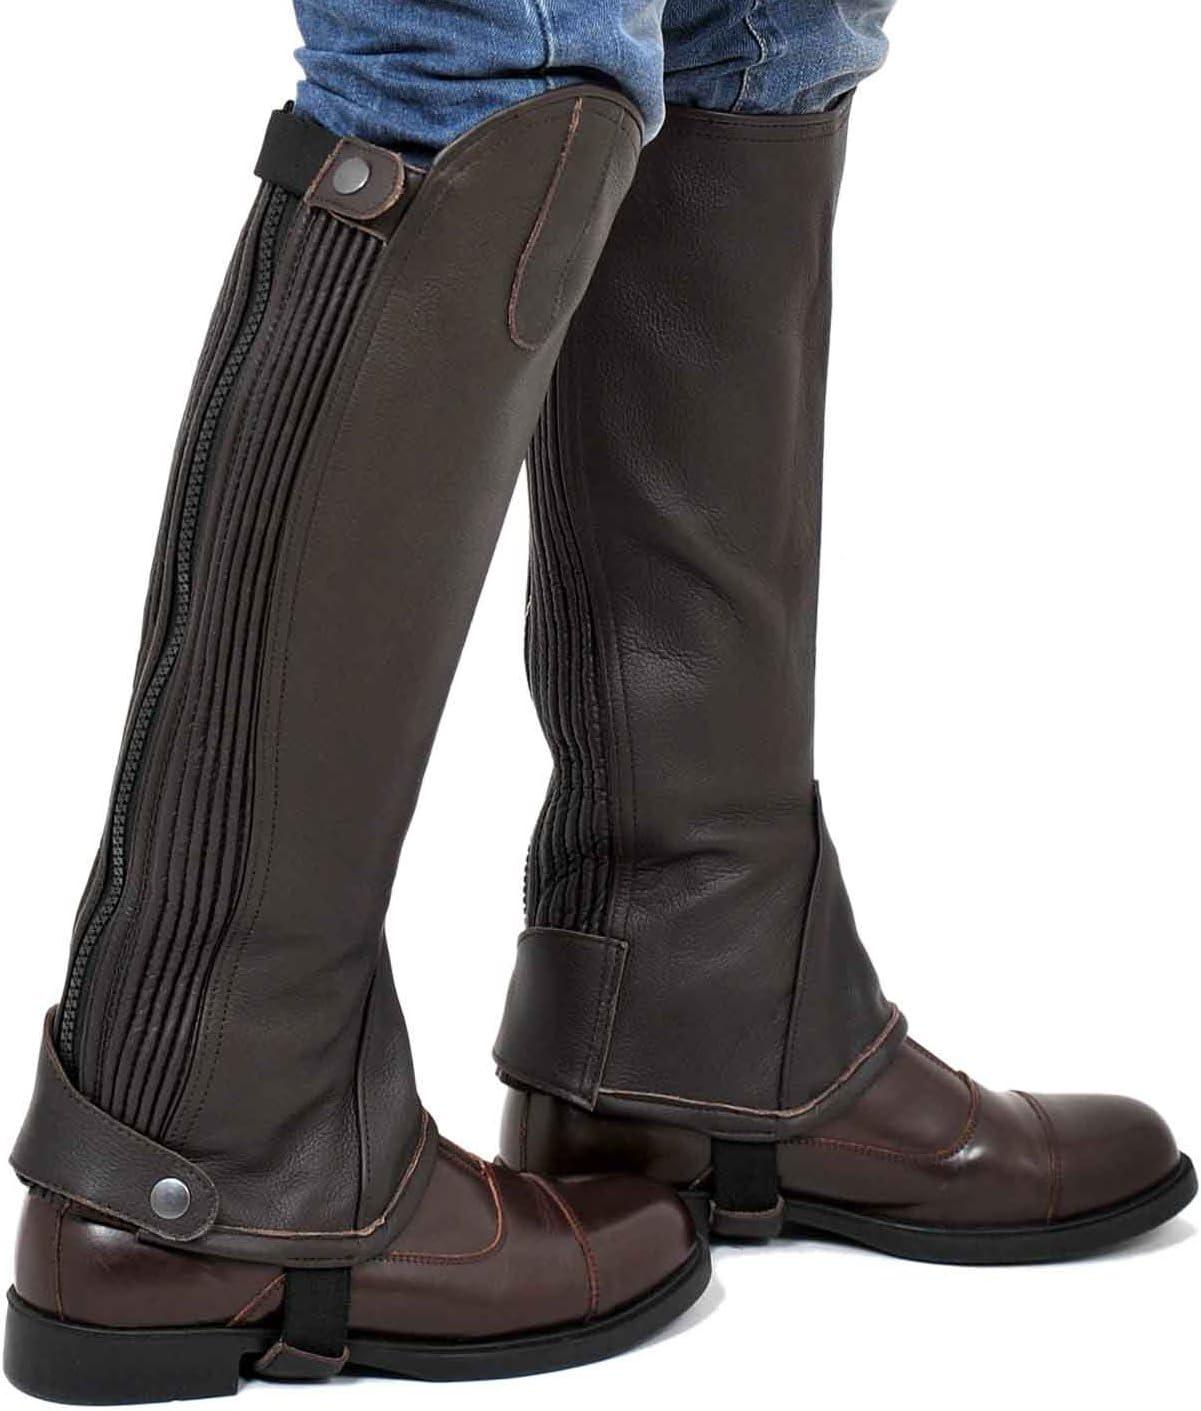 Riders Trend Damen Gamasche vollnarbigem Leder mit  Schokobraun//Beige S